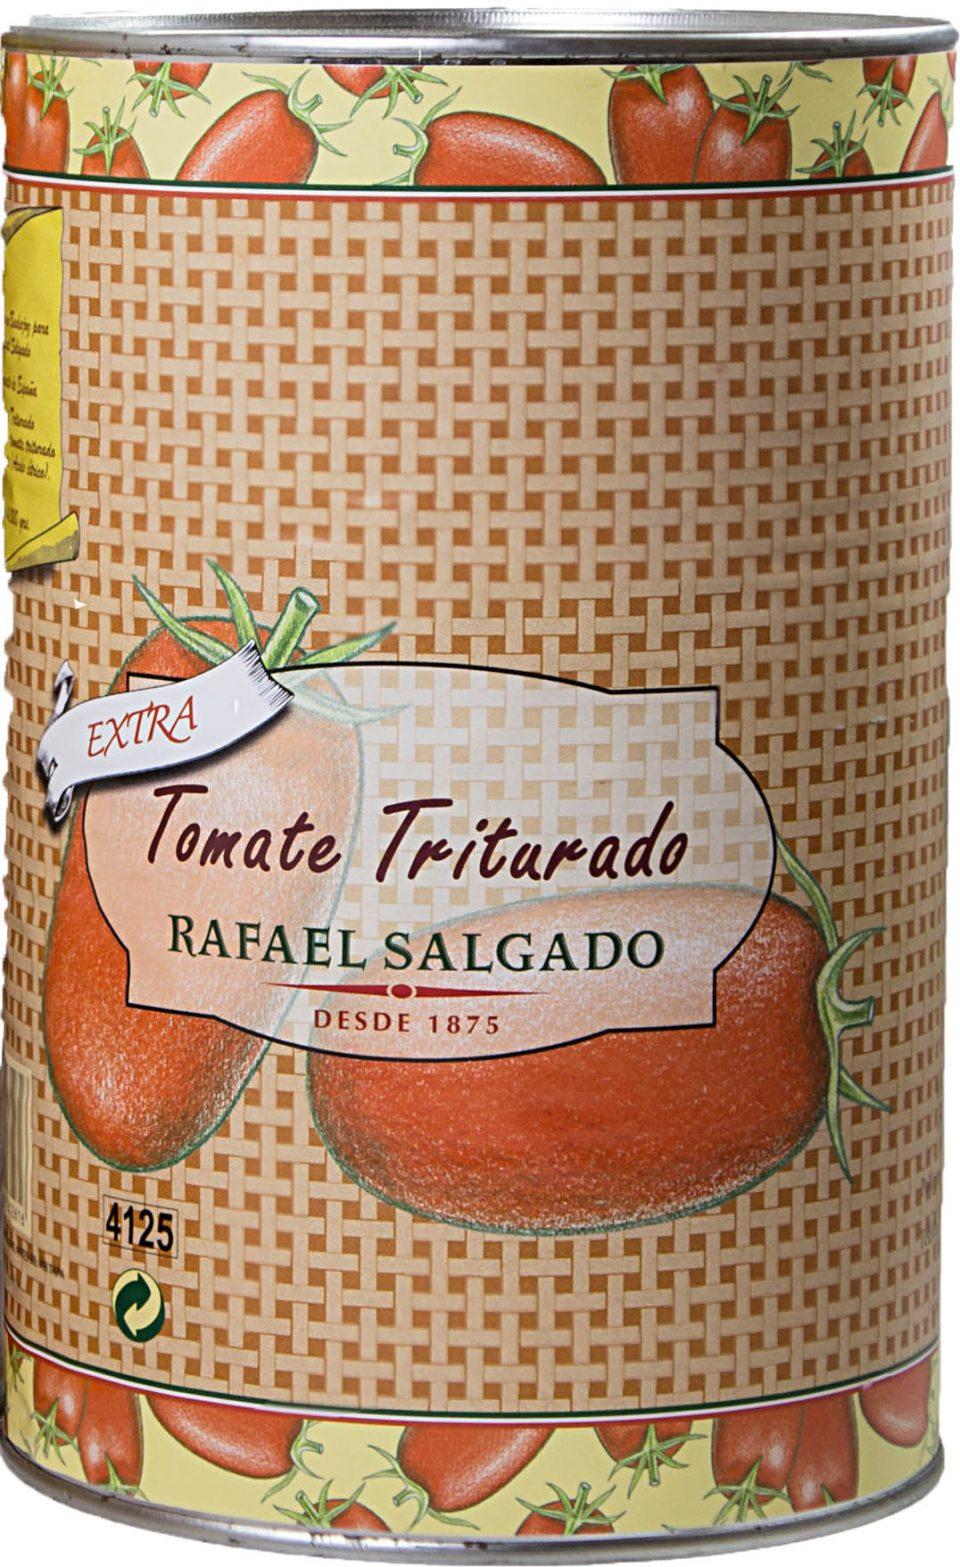 Tomate Triturado Extra RS 4,100 kg